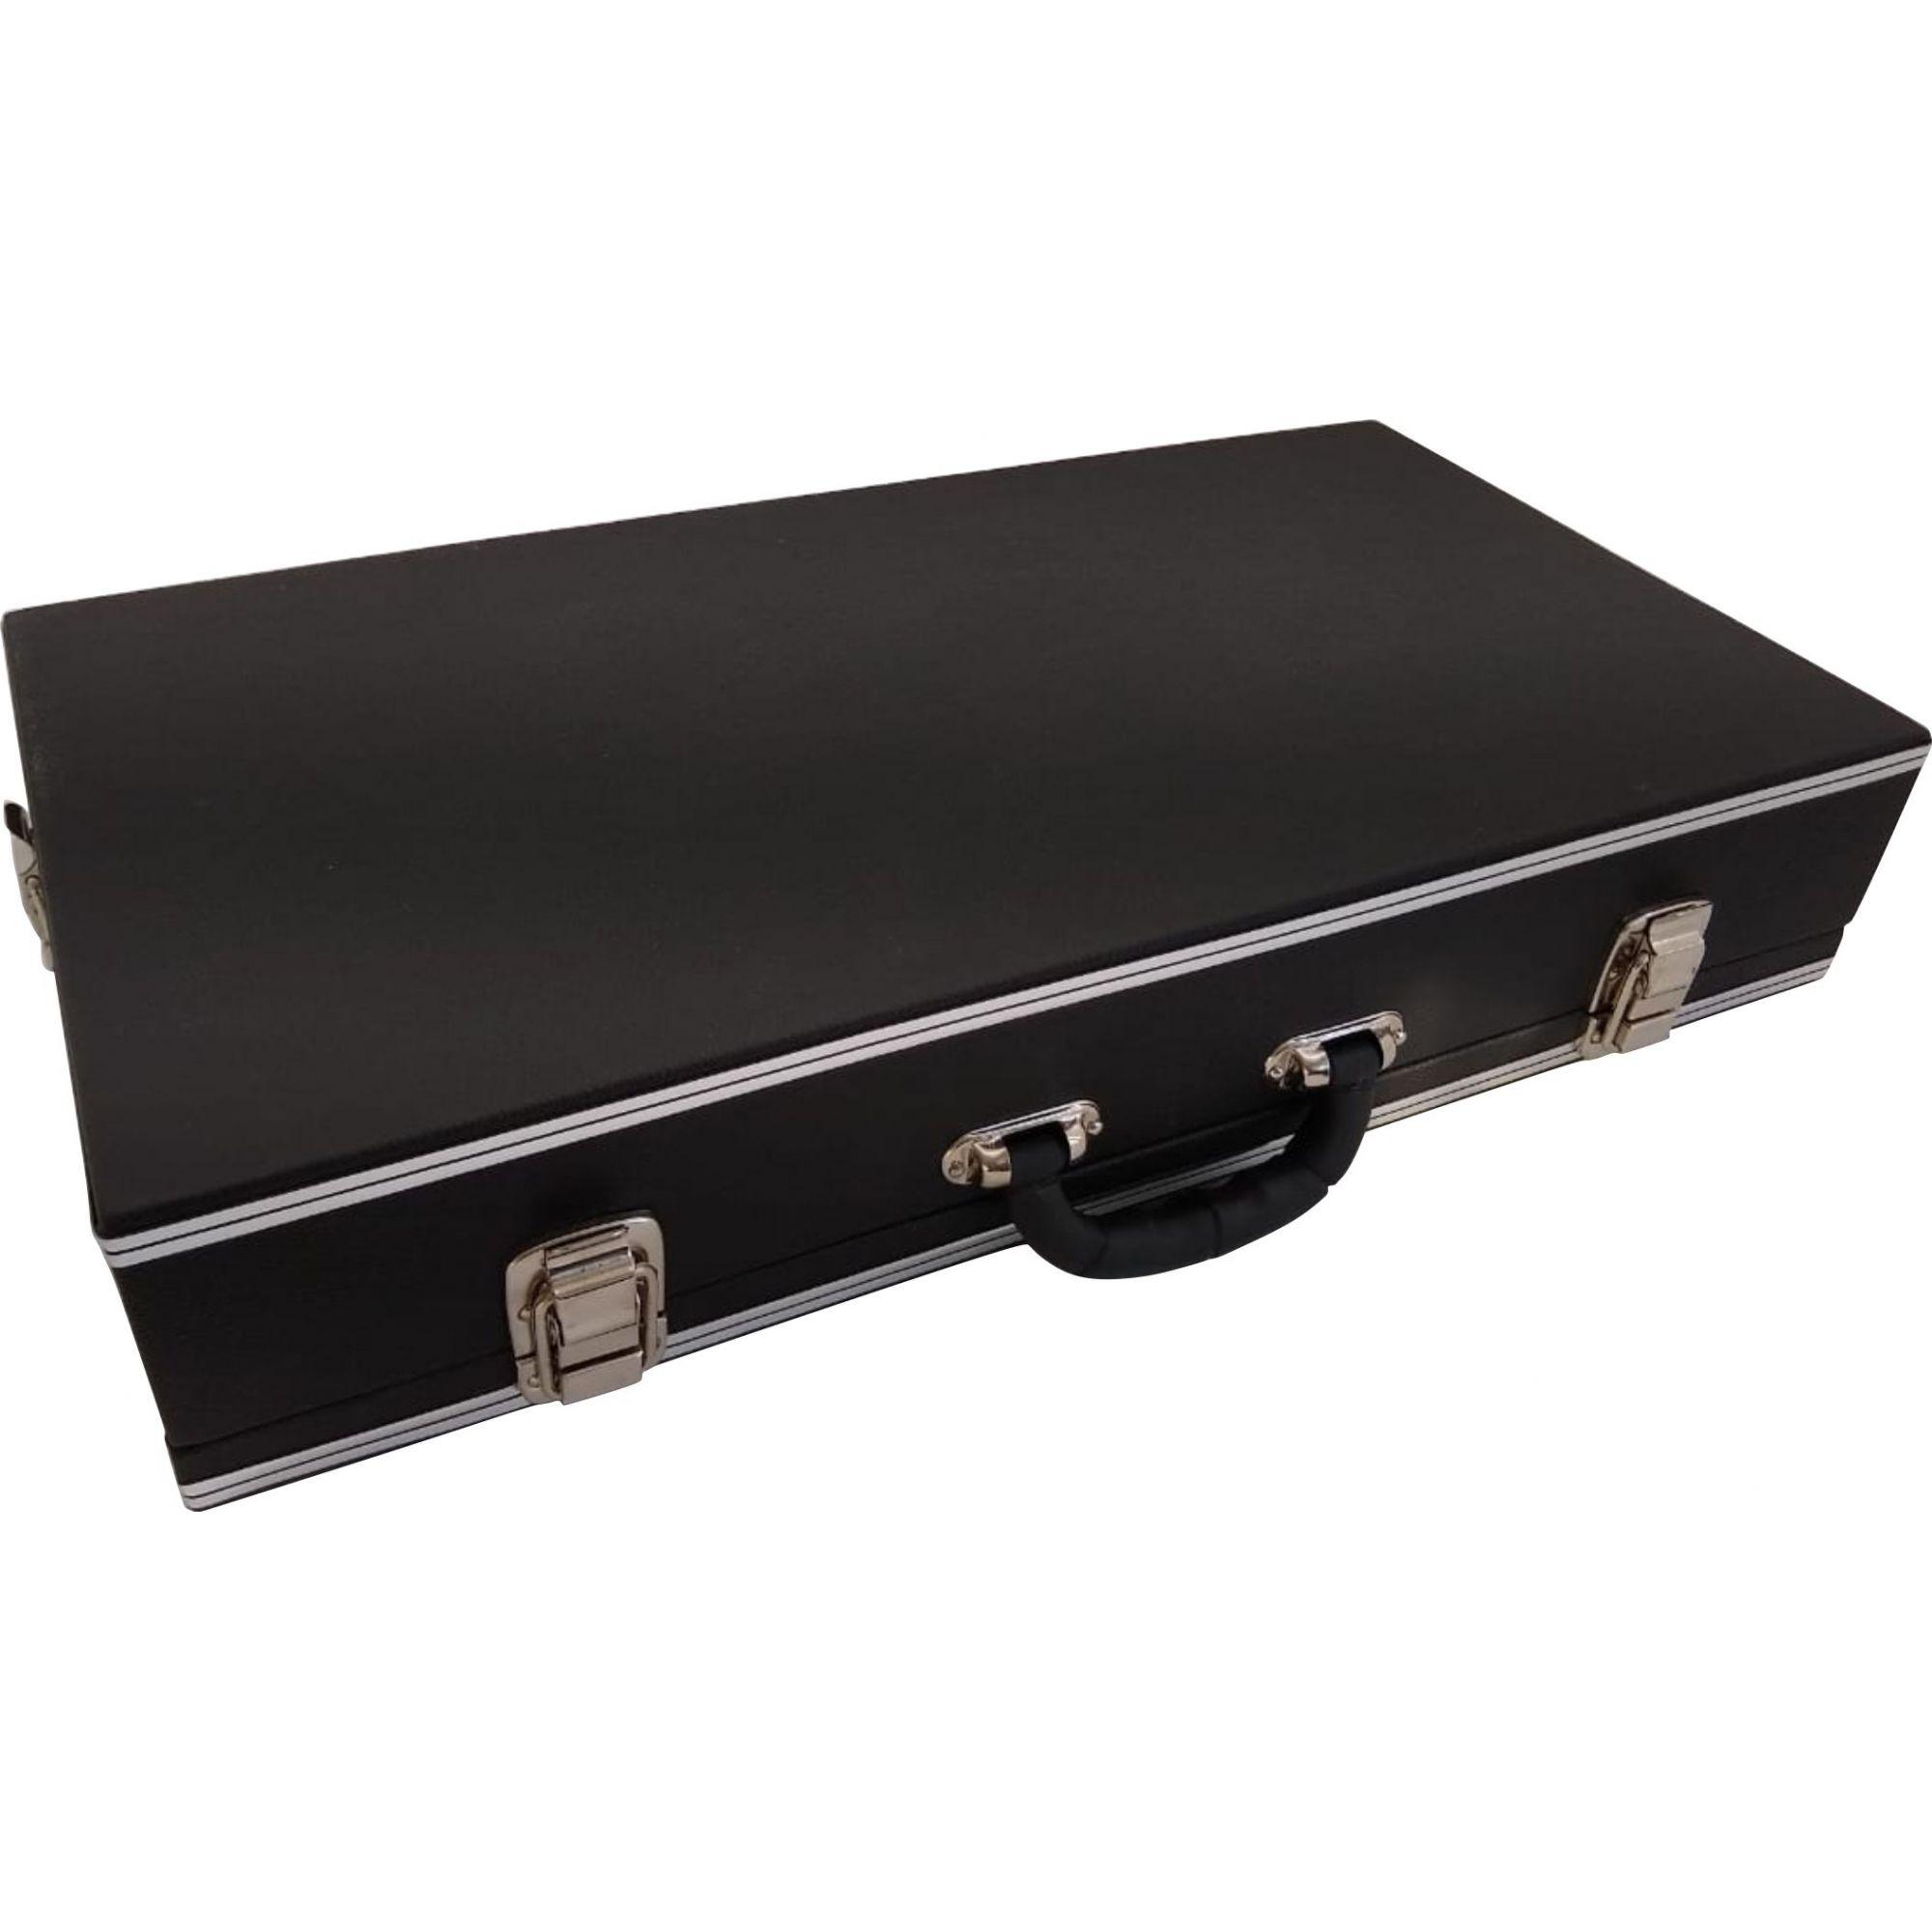 Estojo Case Para Pedaleira Hd500 - Luxo